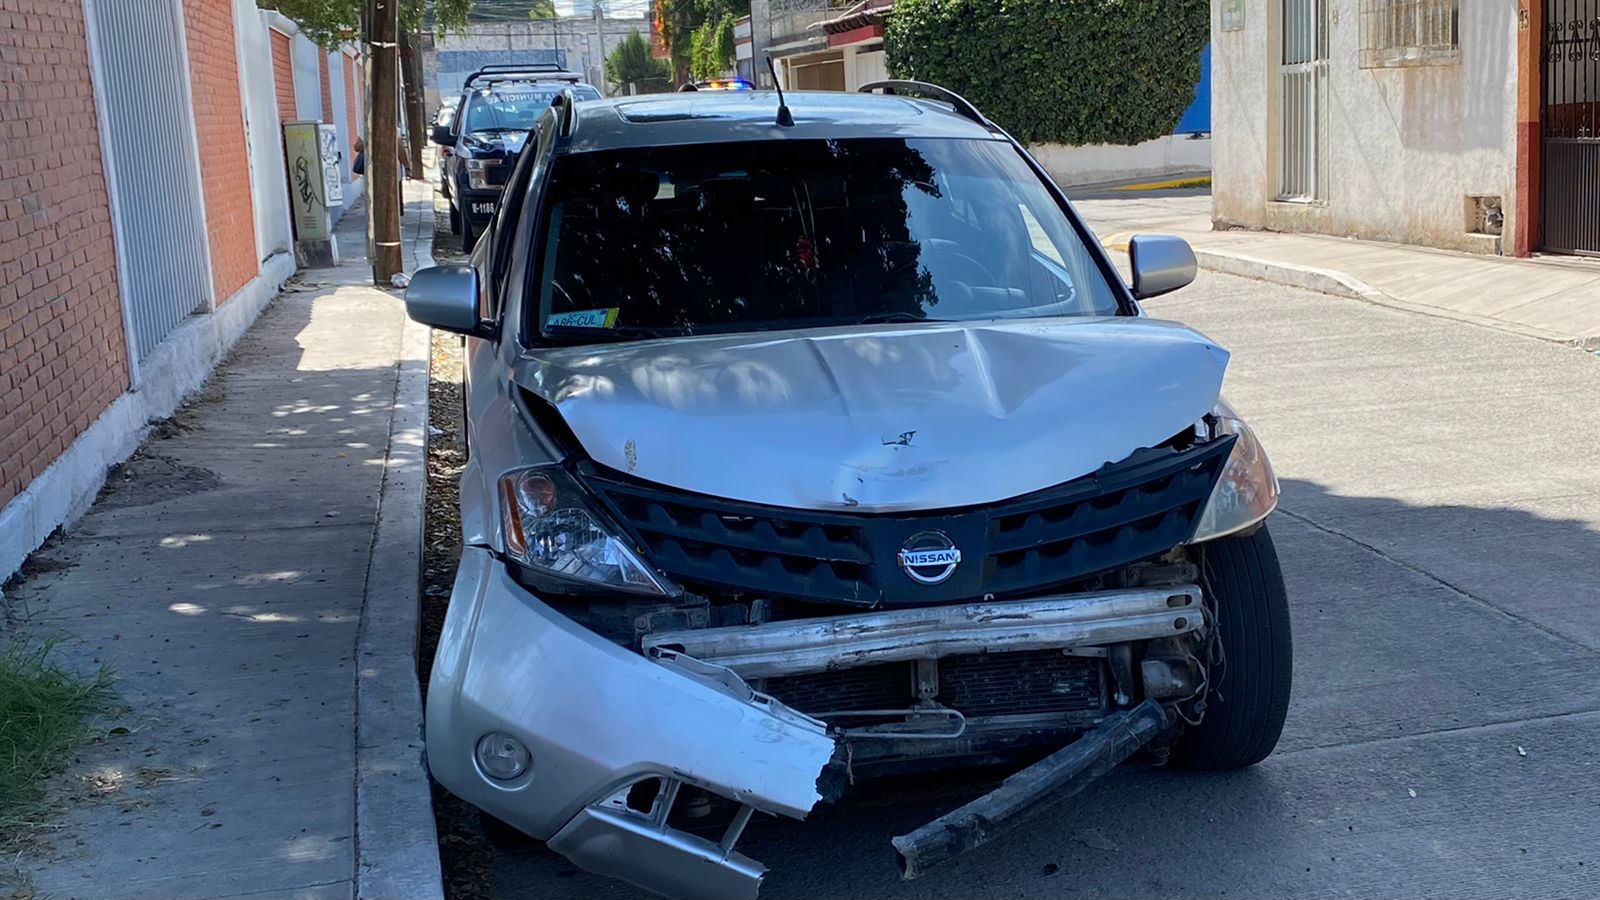 Abandonan camioneta en Los Alcanfores tras riña y dañan autos